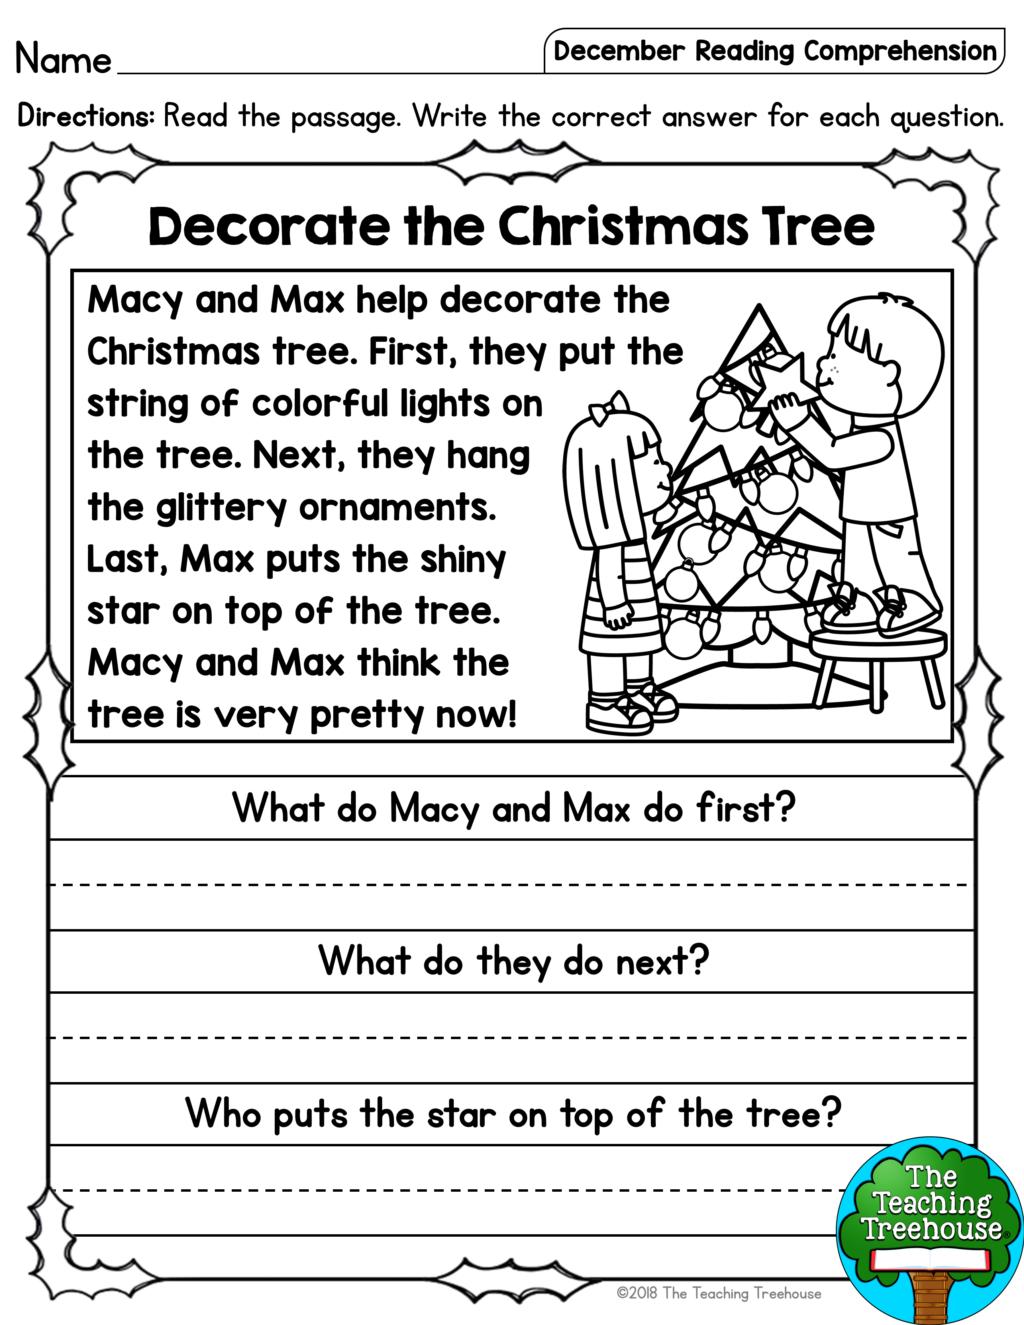 Math Worksheet ~ December Reading Comprehension Passages For